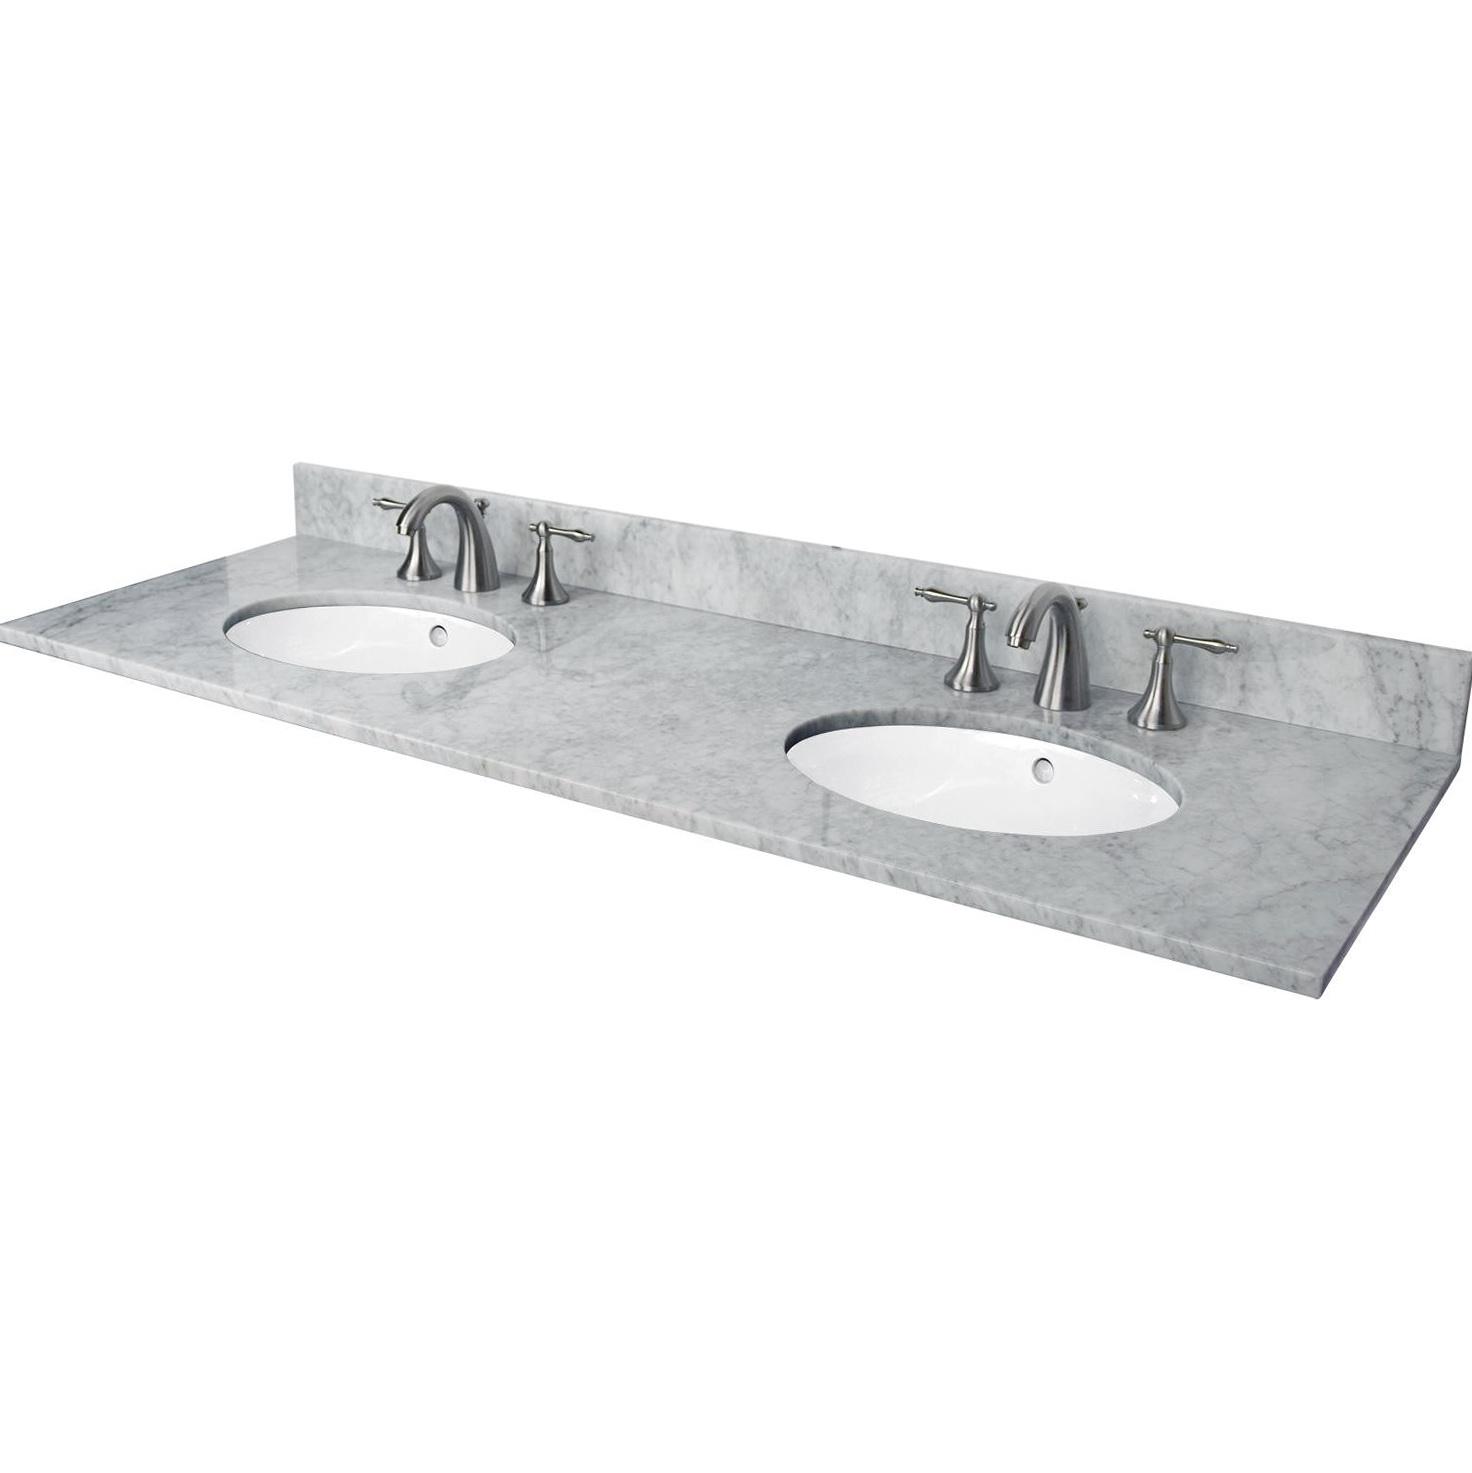 Two Sink Vanity Top